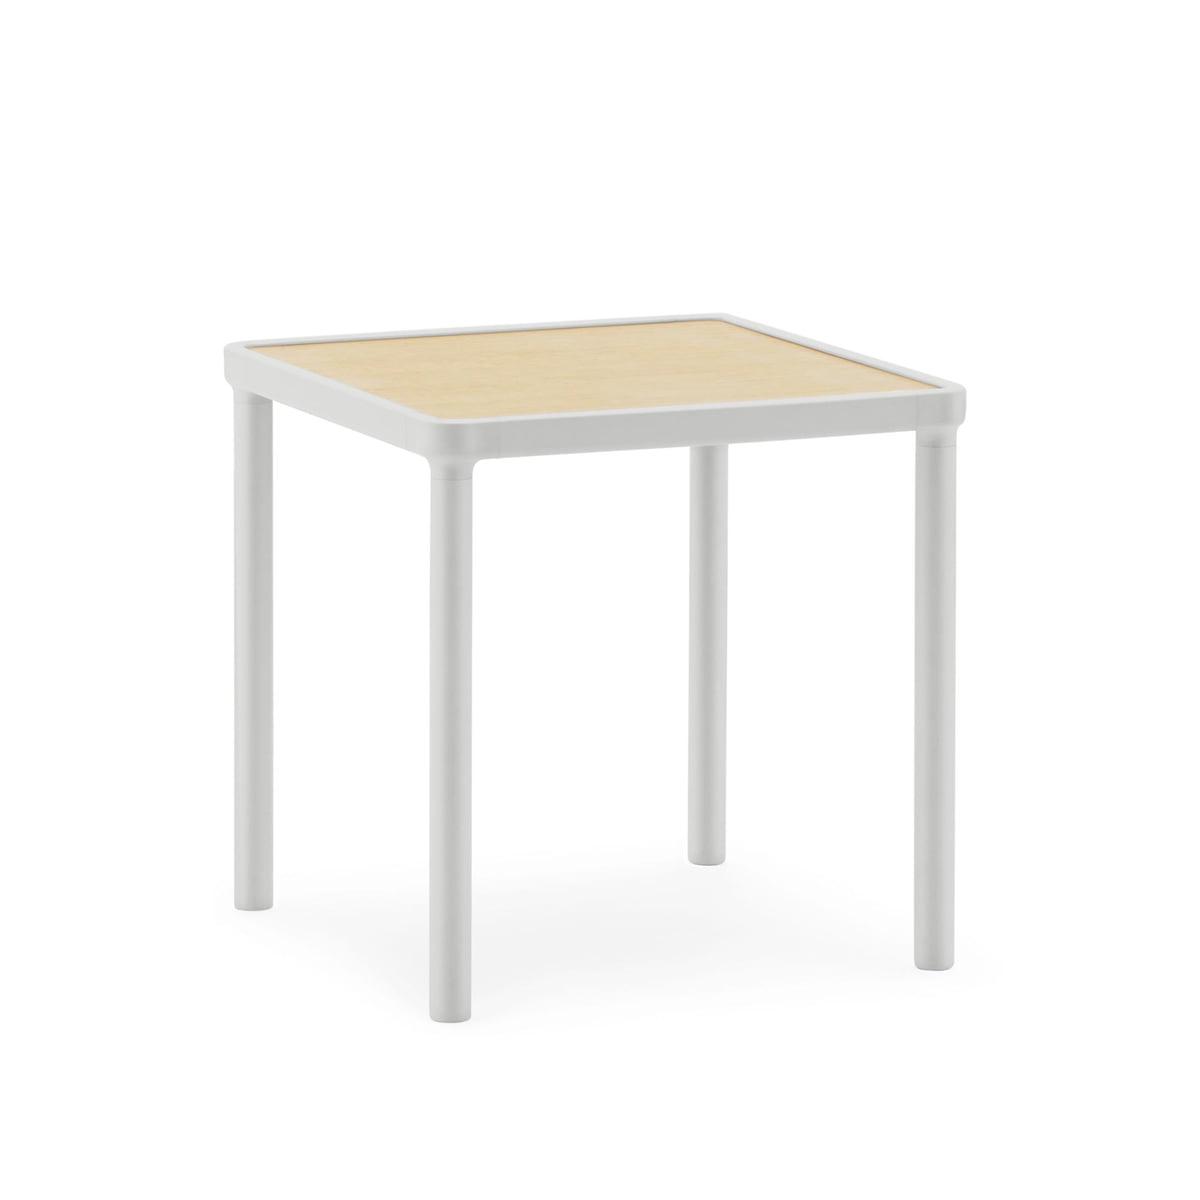 Case Coffee Table 40 X 40 Cm By Normann Copenhagen In Light Grey